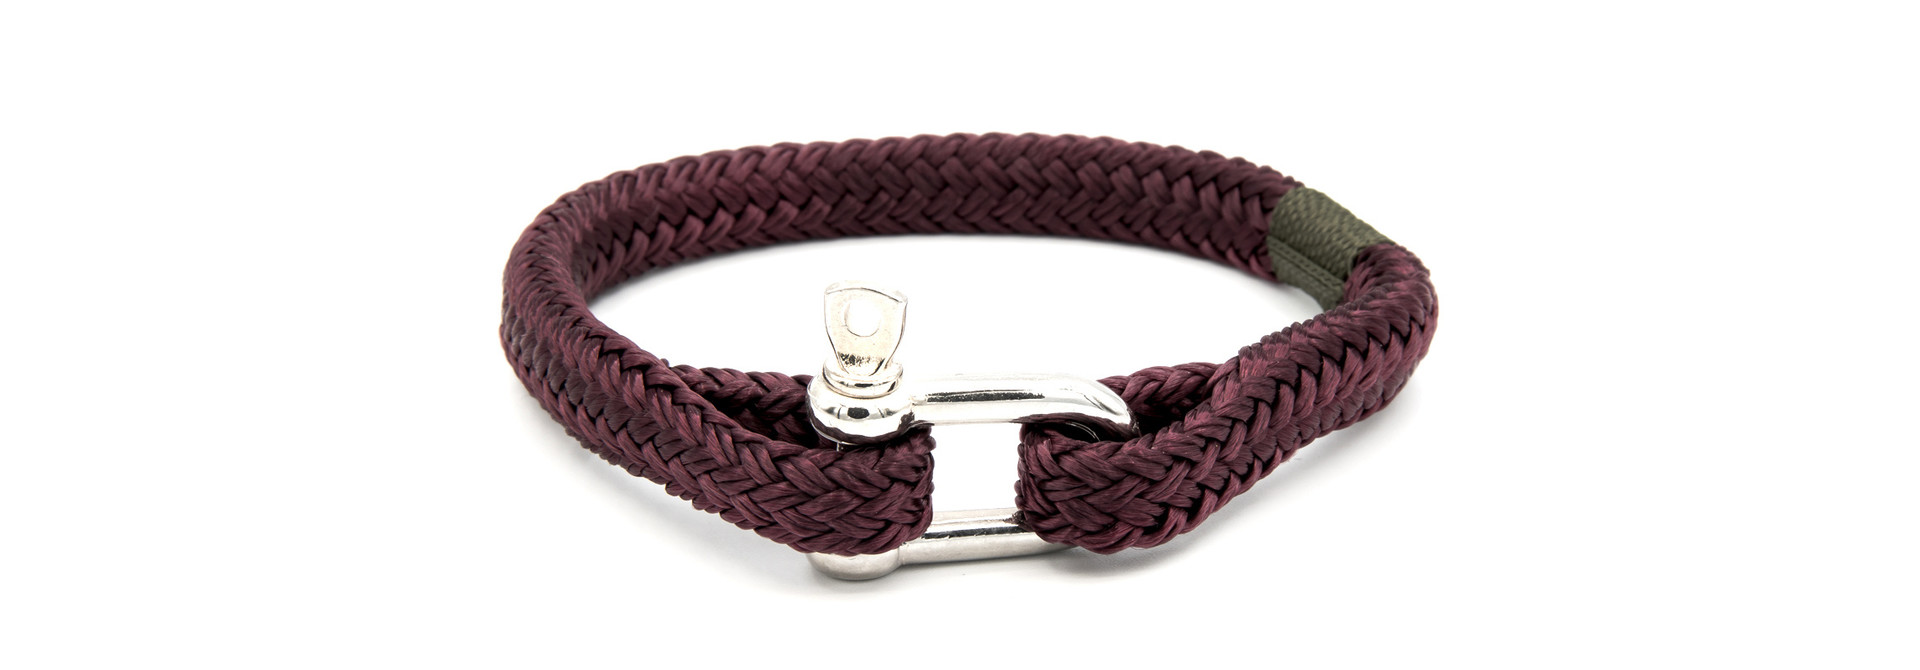 Armband marinekoord met shackle